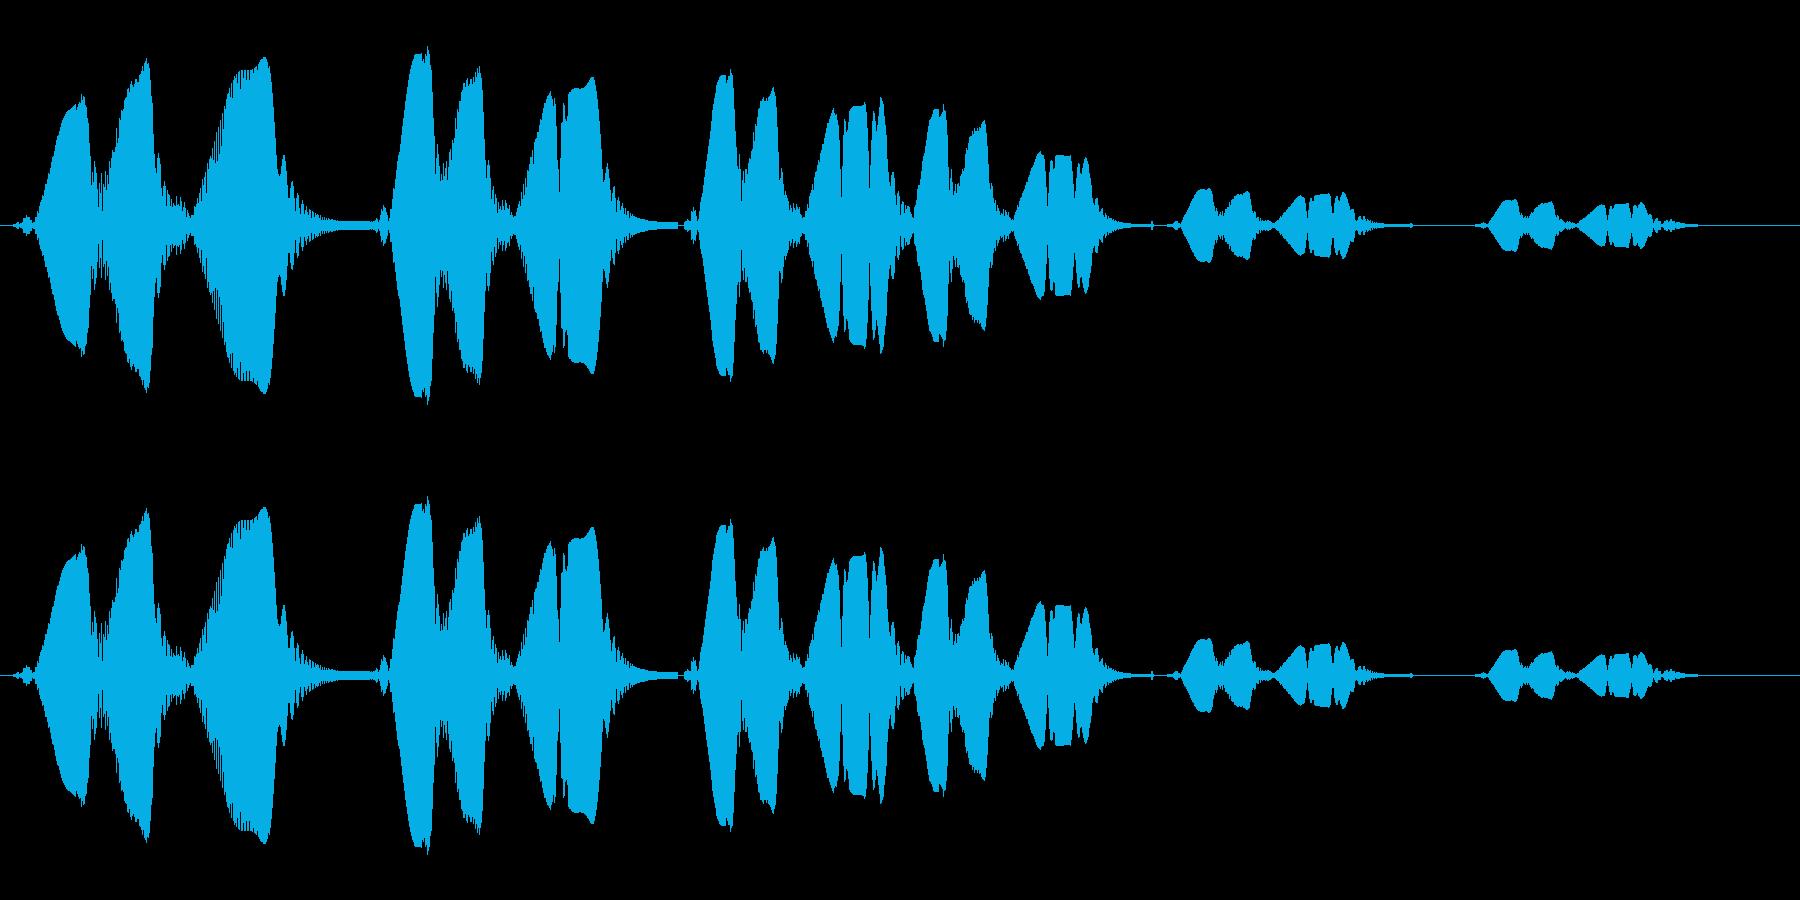 プワップワン(泡の音色)の再生済みの波形